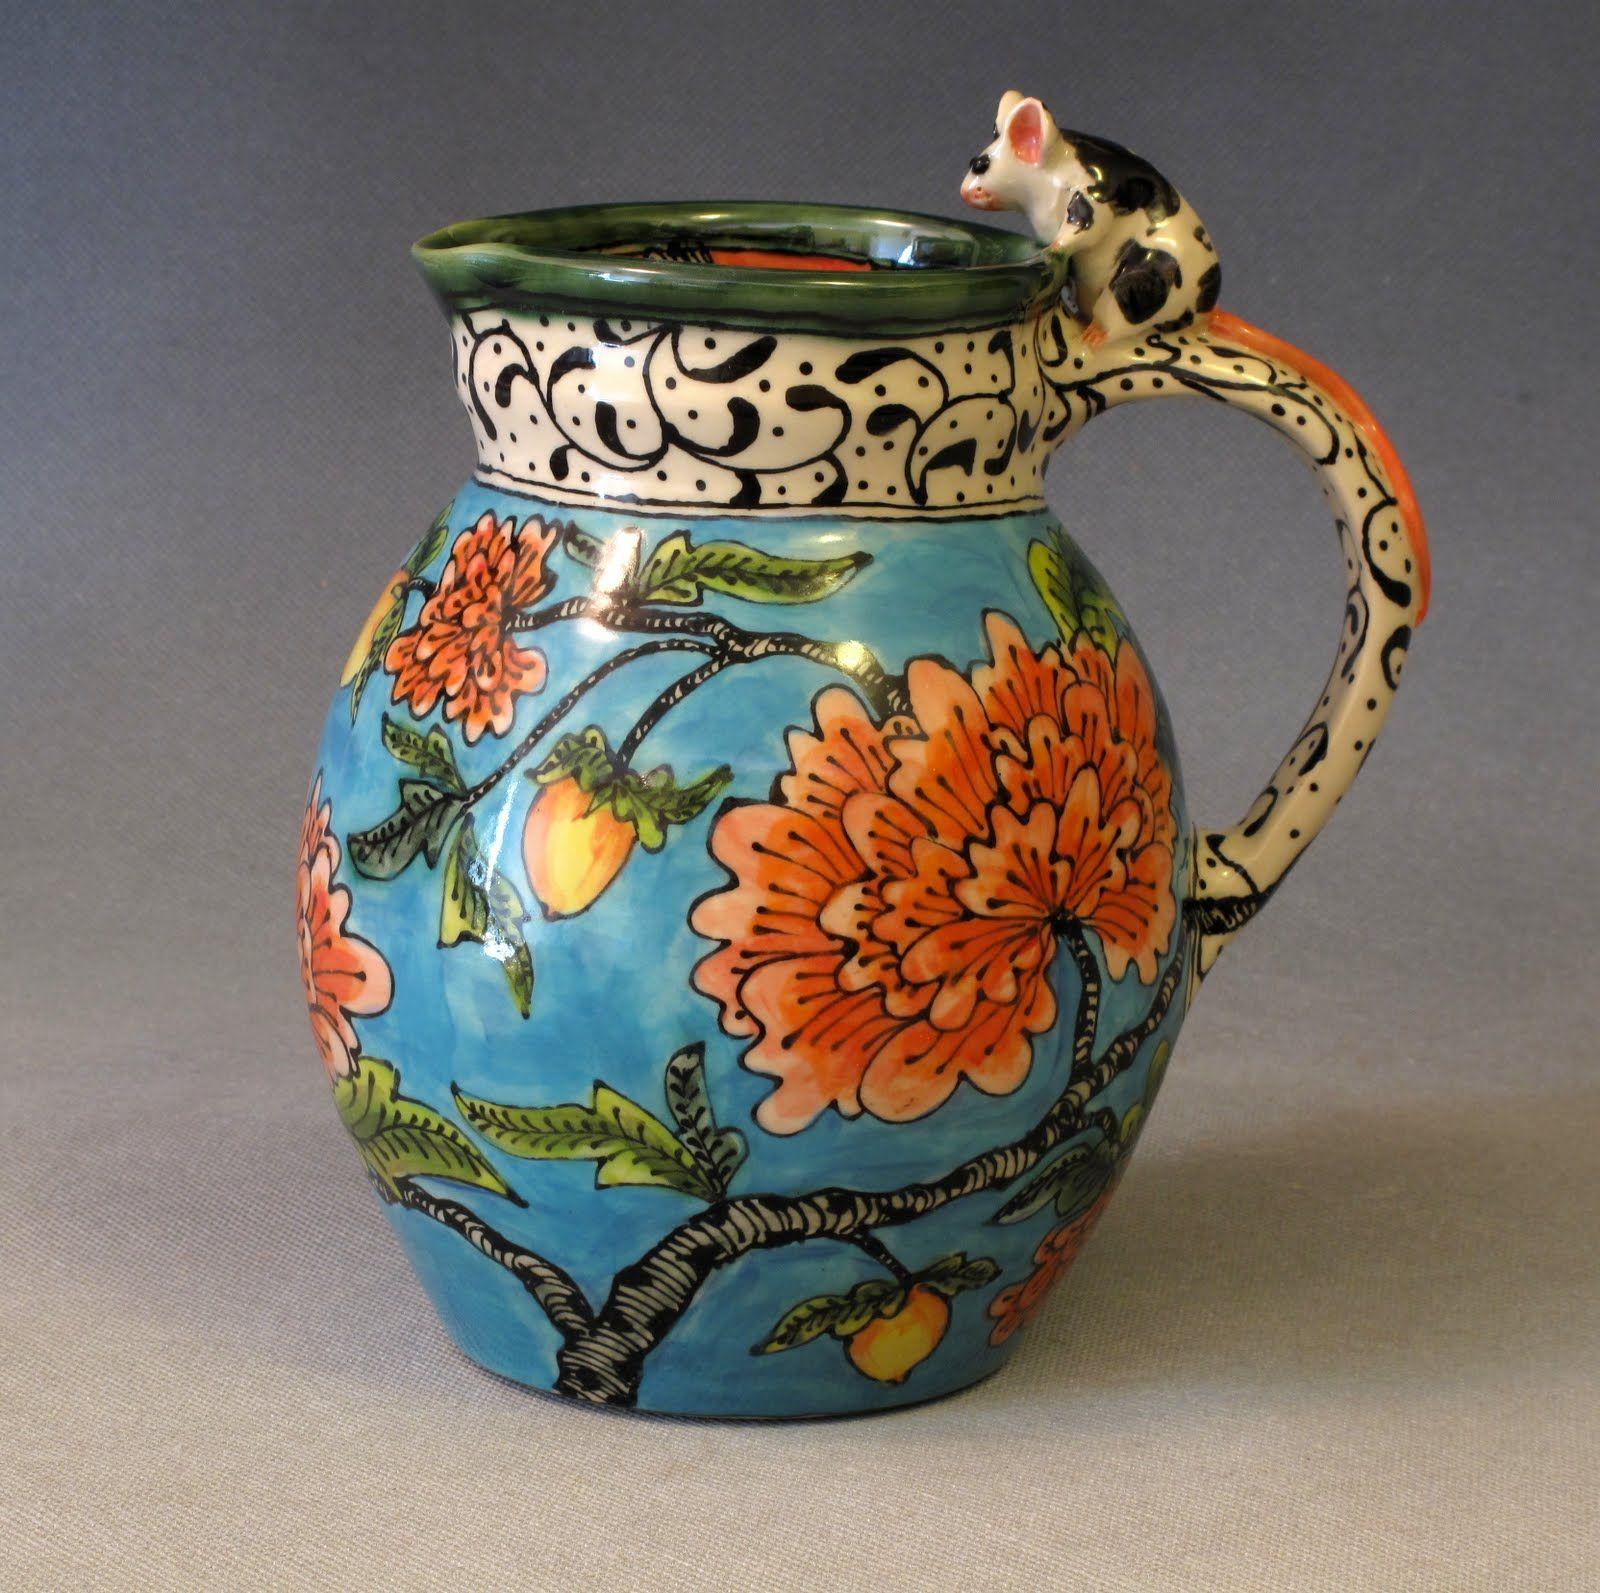 mouse jug, 18 x 18 cm